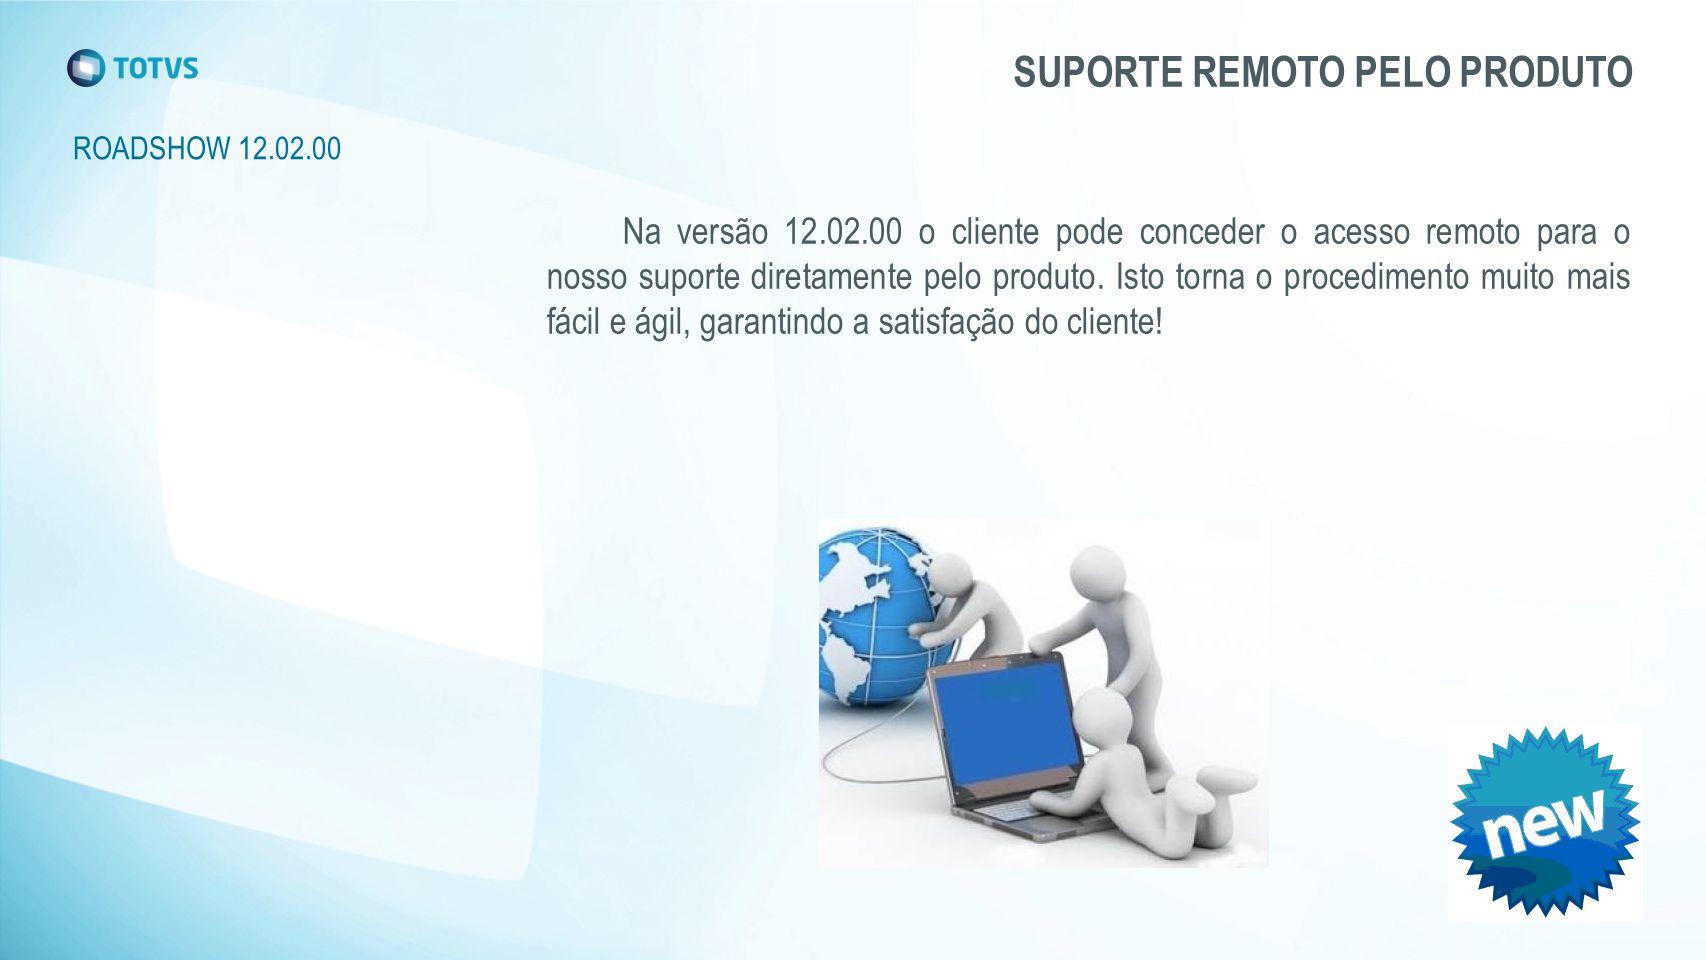 ROADSHOW 12.02.00 SUPORTE REMOTO PELO PRODUTO Na versão 12.02.00 o cliente pode conceder o acesso remoto para o nosso suporte diretamente pelo produto.